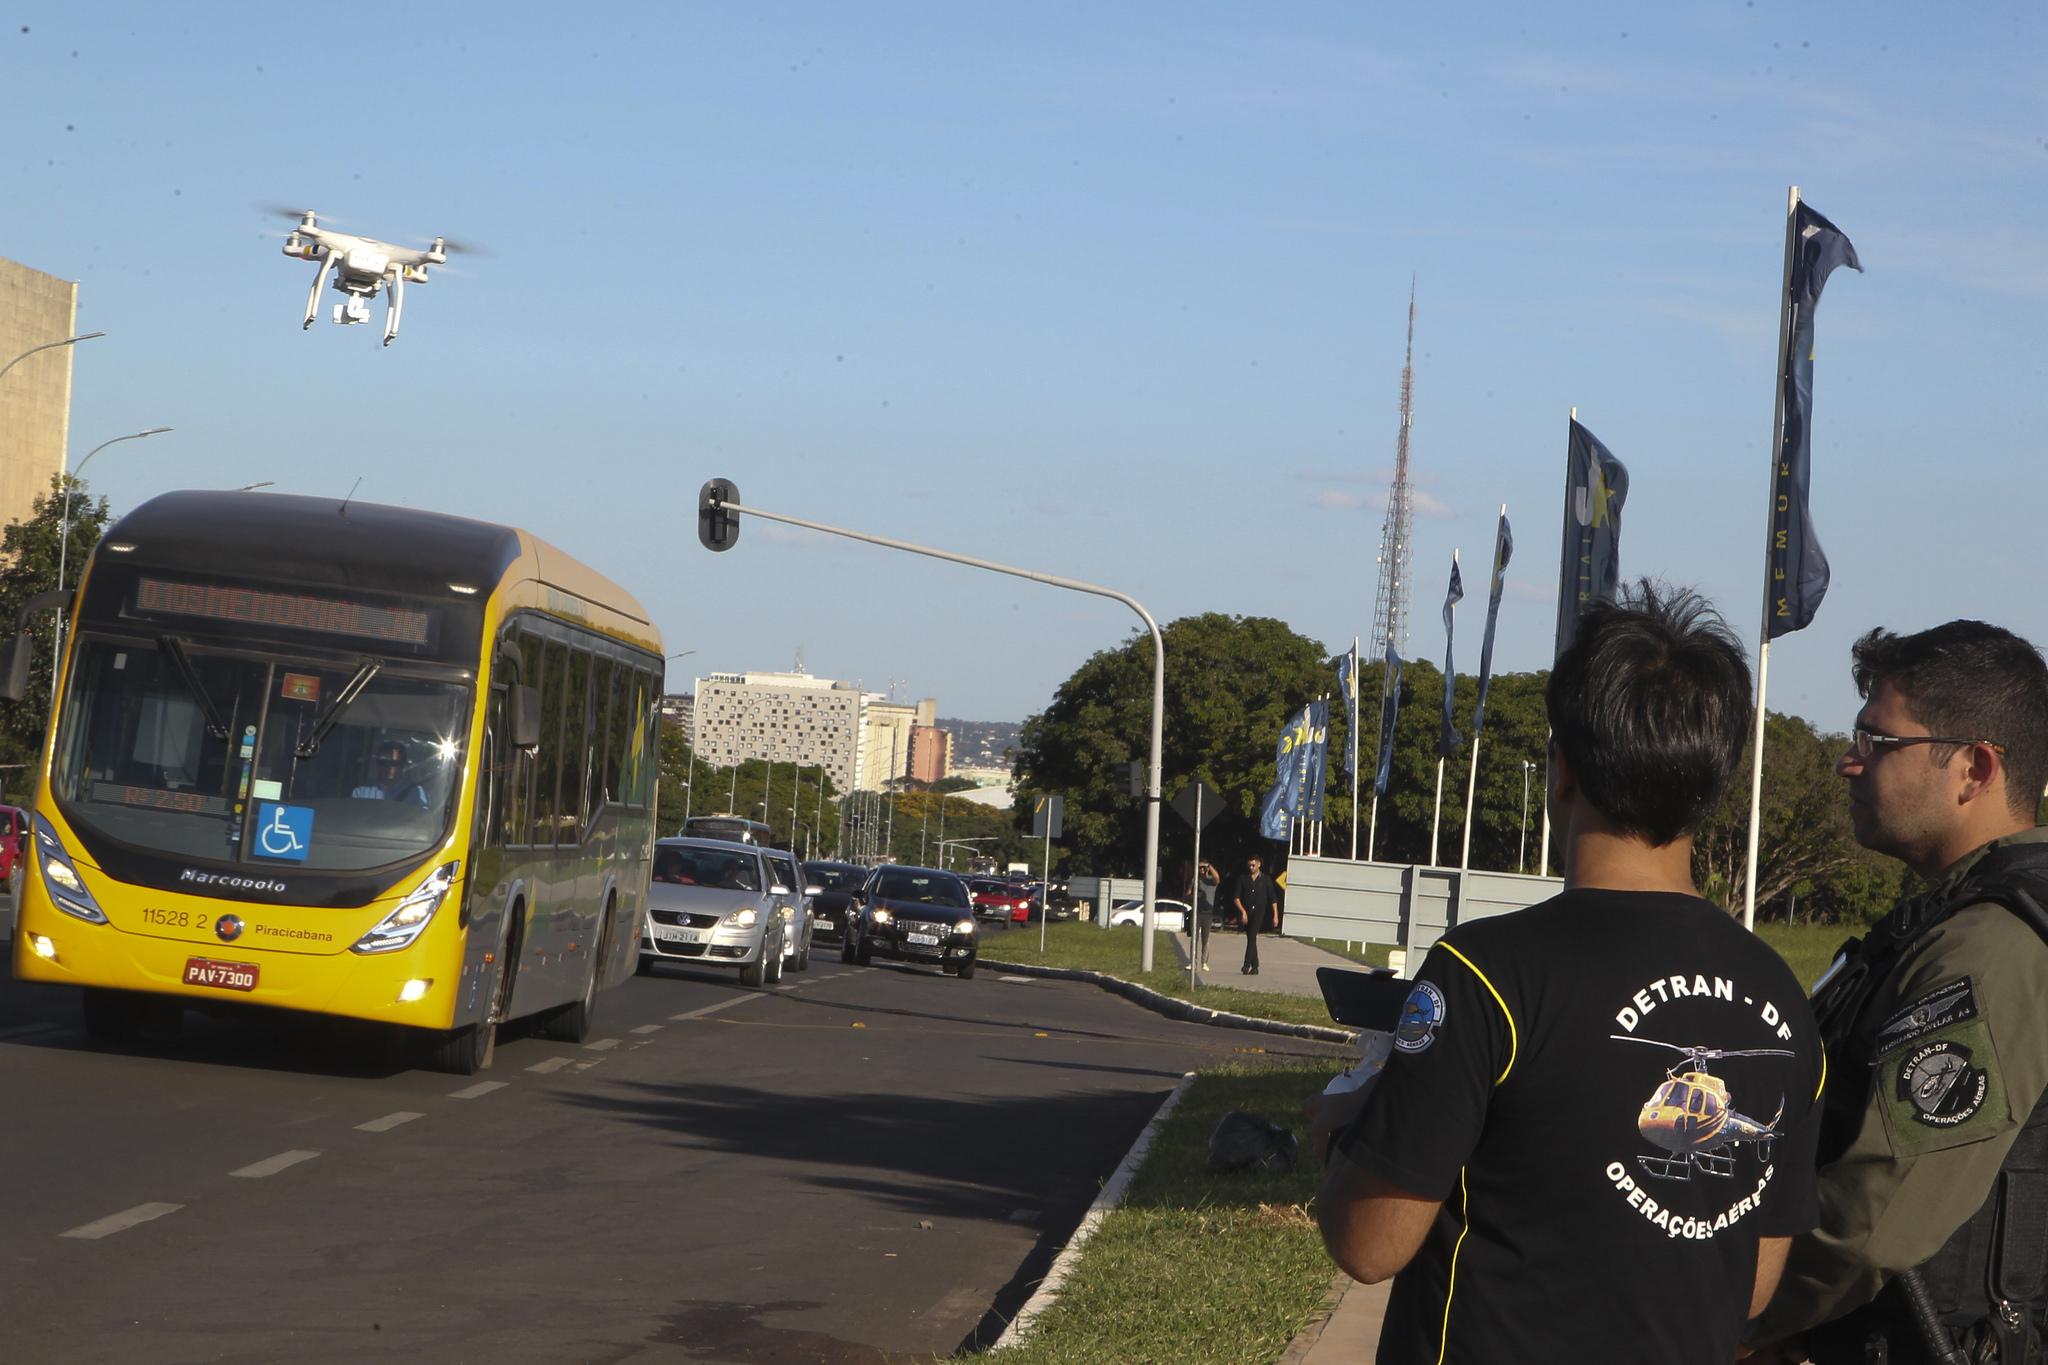 """Utilizado, a partir de dezembro/2017, drone como nova modalidade de fiscalização. Os equipamentos auxiliam nas fiscalizações das vias urbanas, registrando o flagrante de motoristas que utilizam celular ao volante, desrespeitam o pedestre na faixa, transitam e/ou estacionam em locais proibidos. Mais informações (<a href=""""http://www.detran.df.gov.br/noticias/item/3485-detran-df-inicia-monitoramento-e-fiscaliza%C3%A7%C3%A3o-com-uso-de-drones.html"""">link aqui</a>)"""